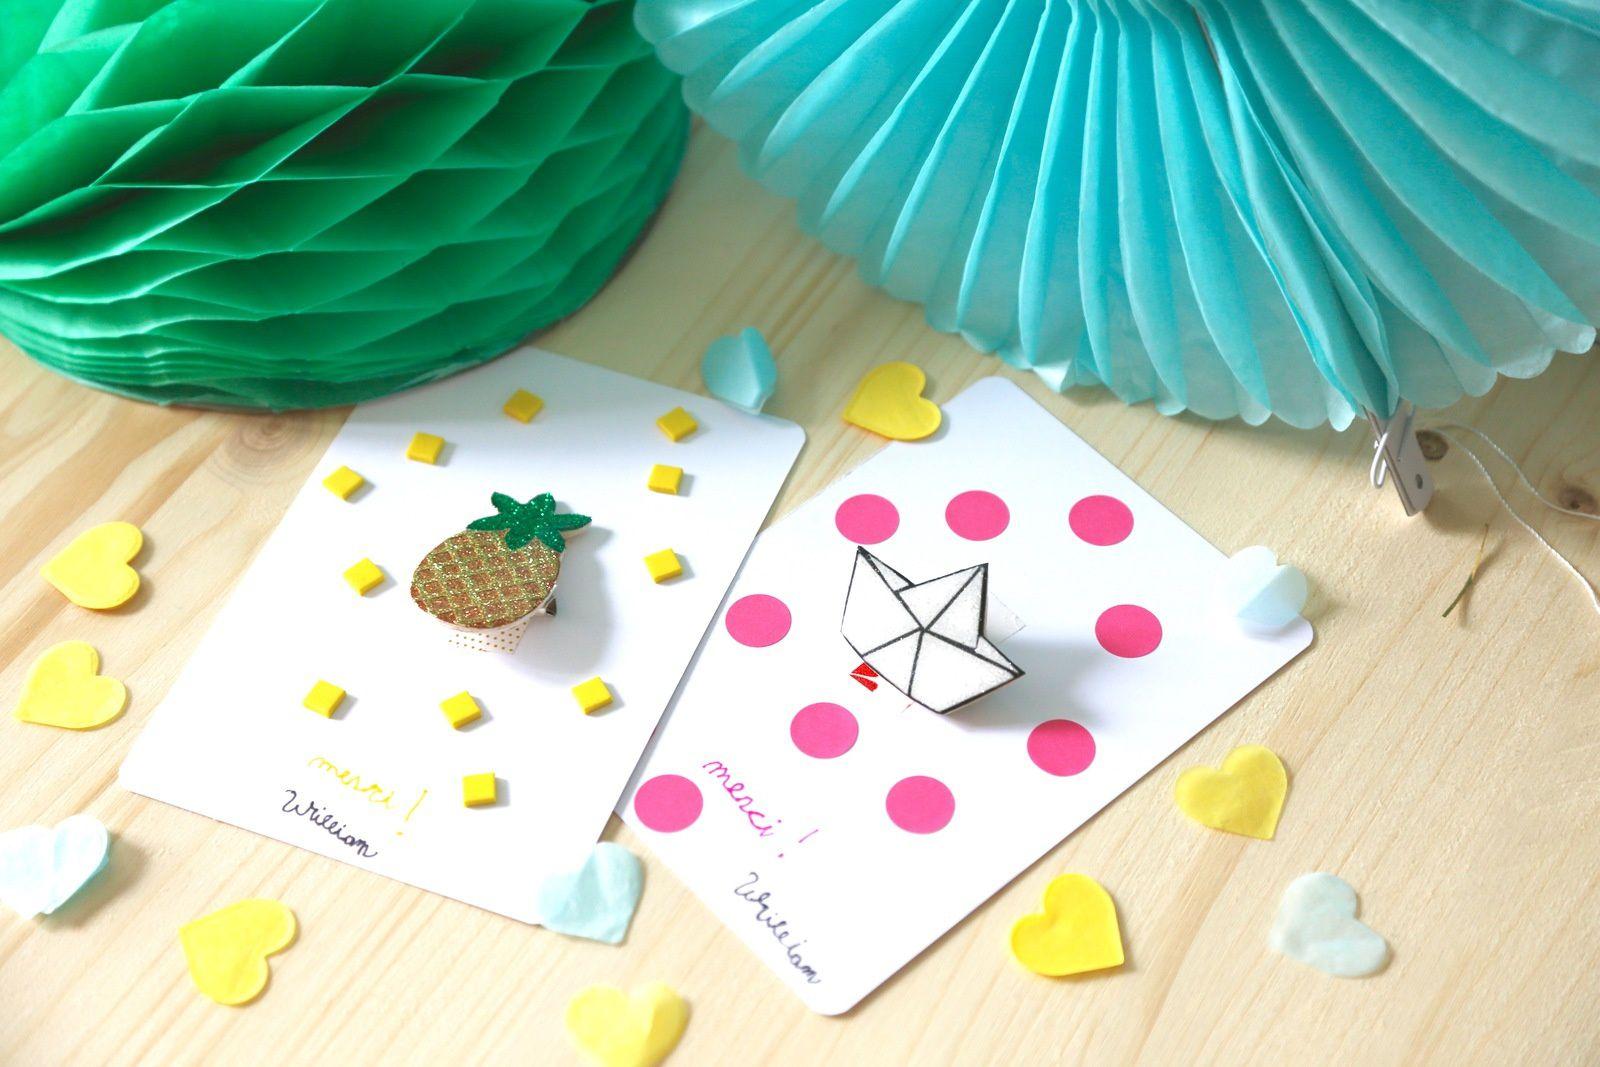 Petites cartes avec broches tendances paillettes!